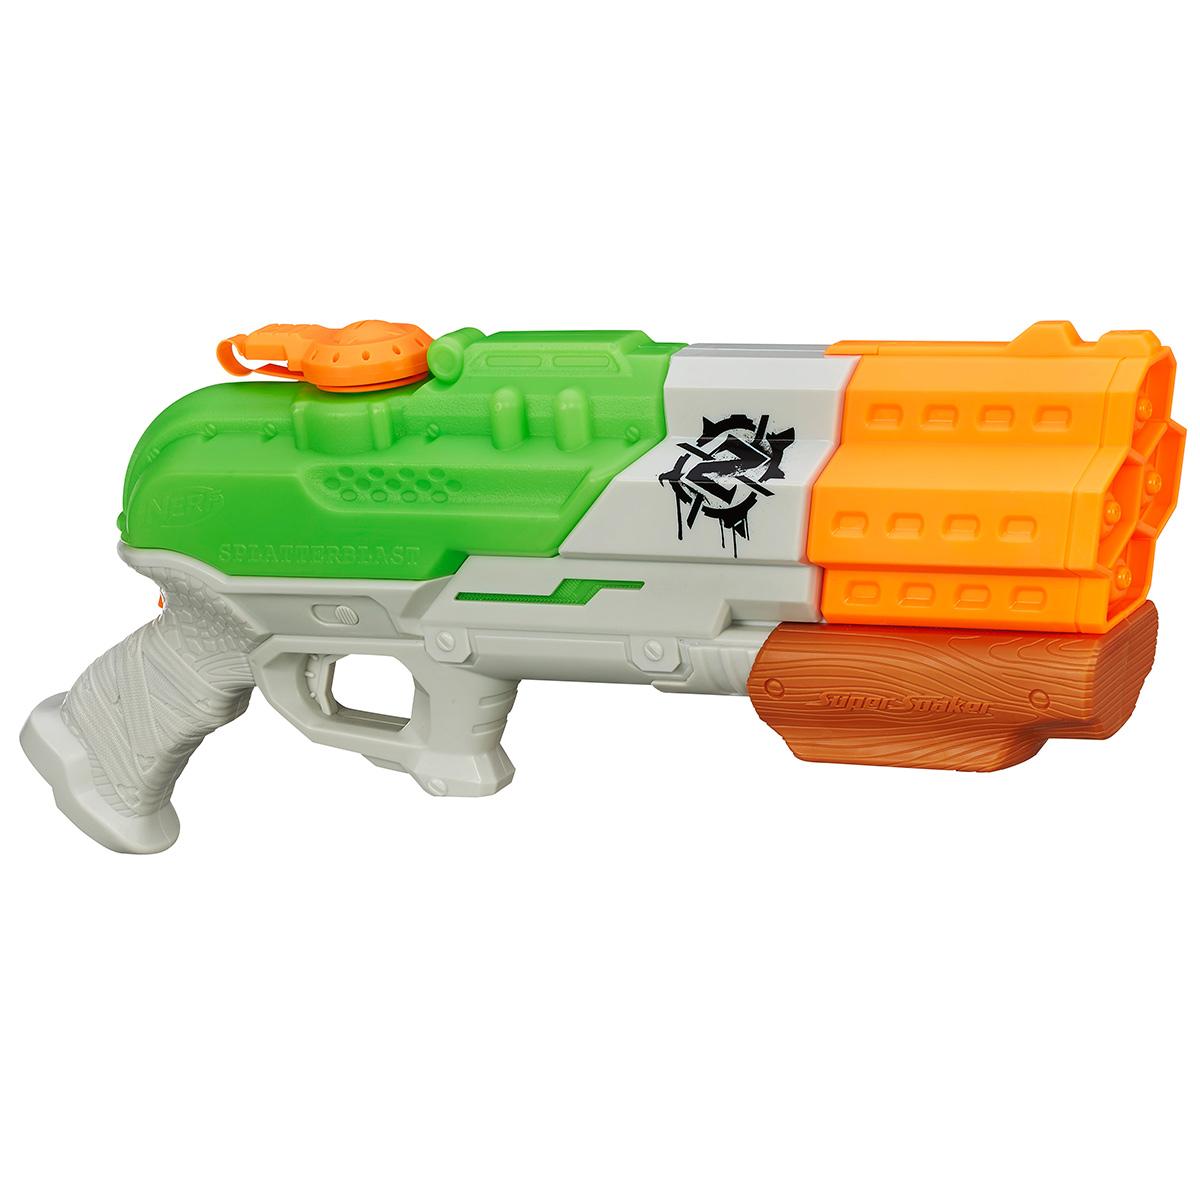 Водяной бластер Nerf Супер Сокер Зомби Страйк, цвет: зеленый, оранжевый